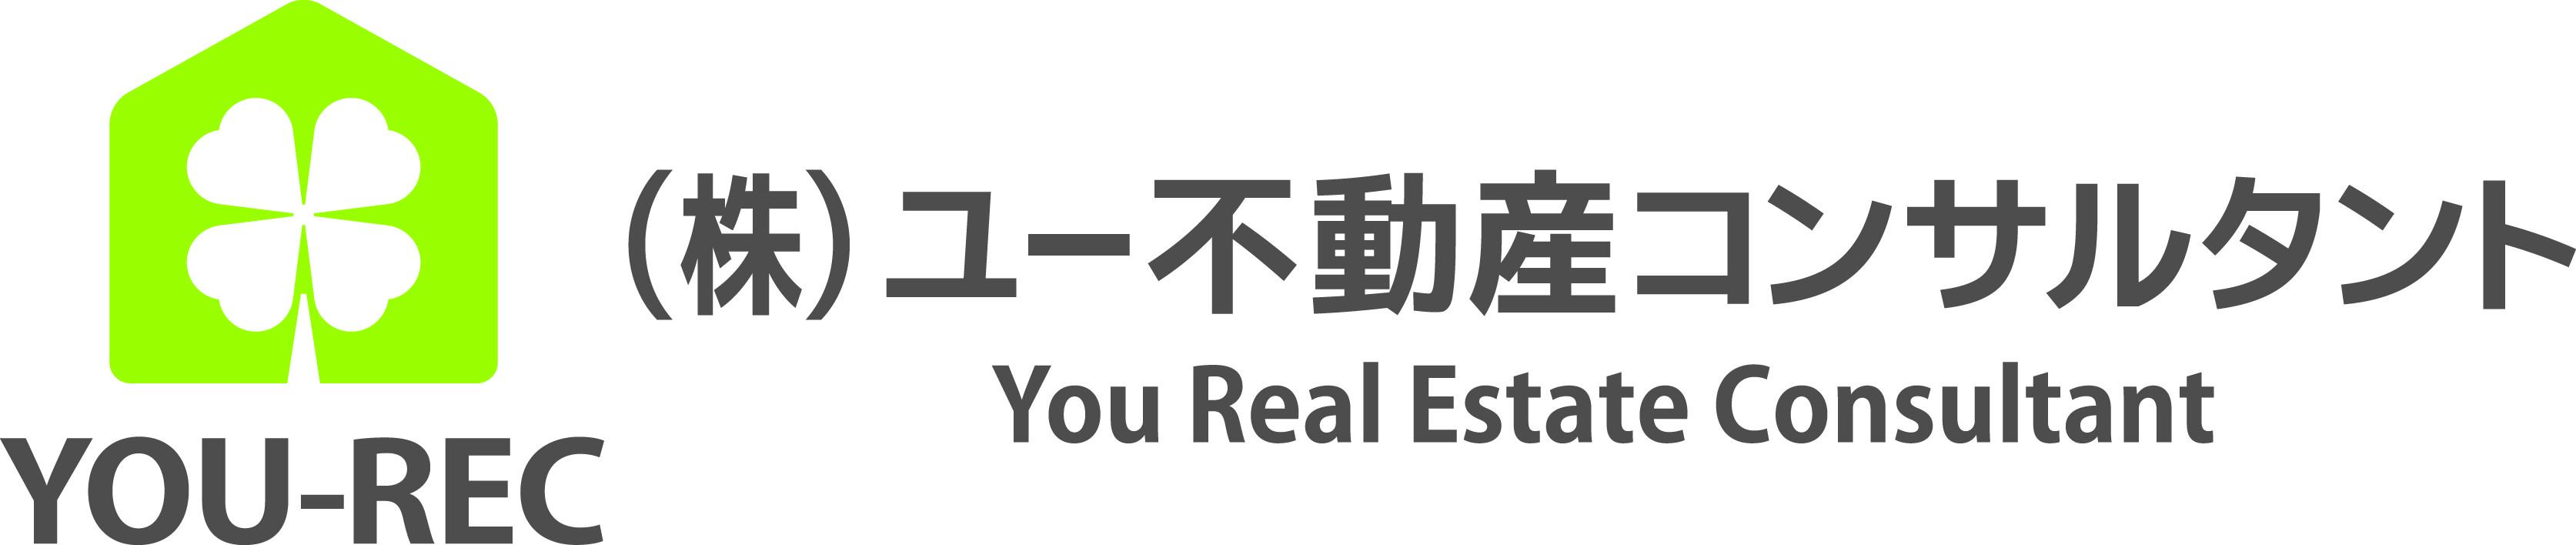 (株)ユー不動産コンサルタント